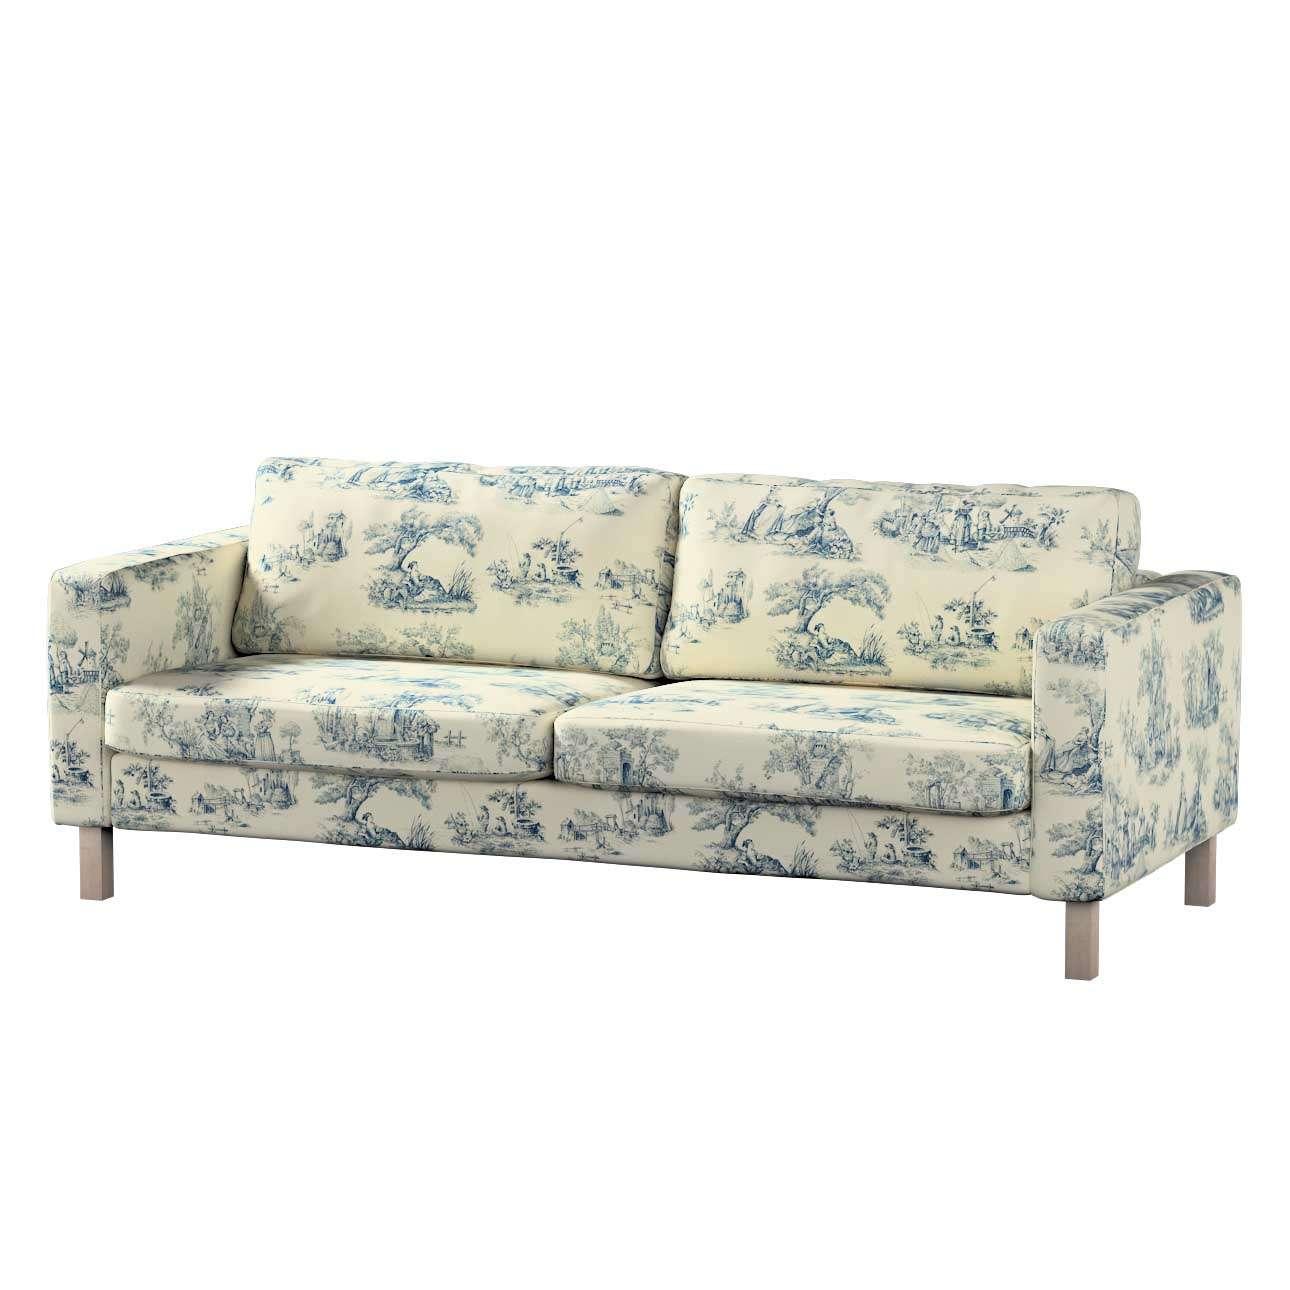 Pokrowiec na sofę Karlstad rozkładaną, krótki Sofa Karlstad 3-os rozkładana w kolekcji Avinon, tkanina: 132-66